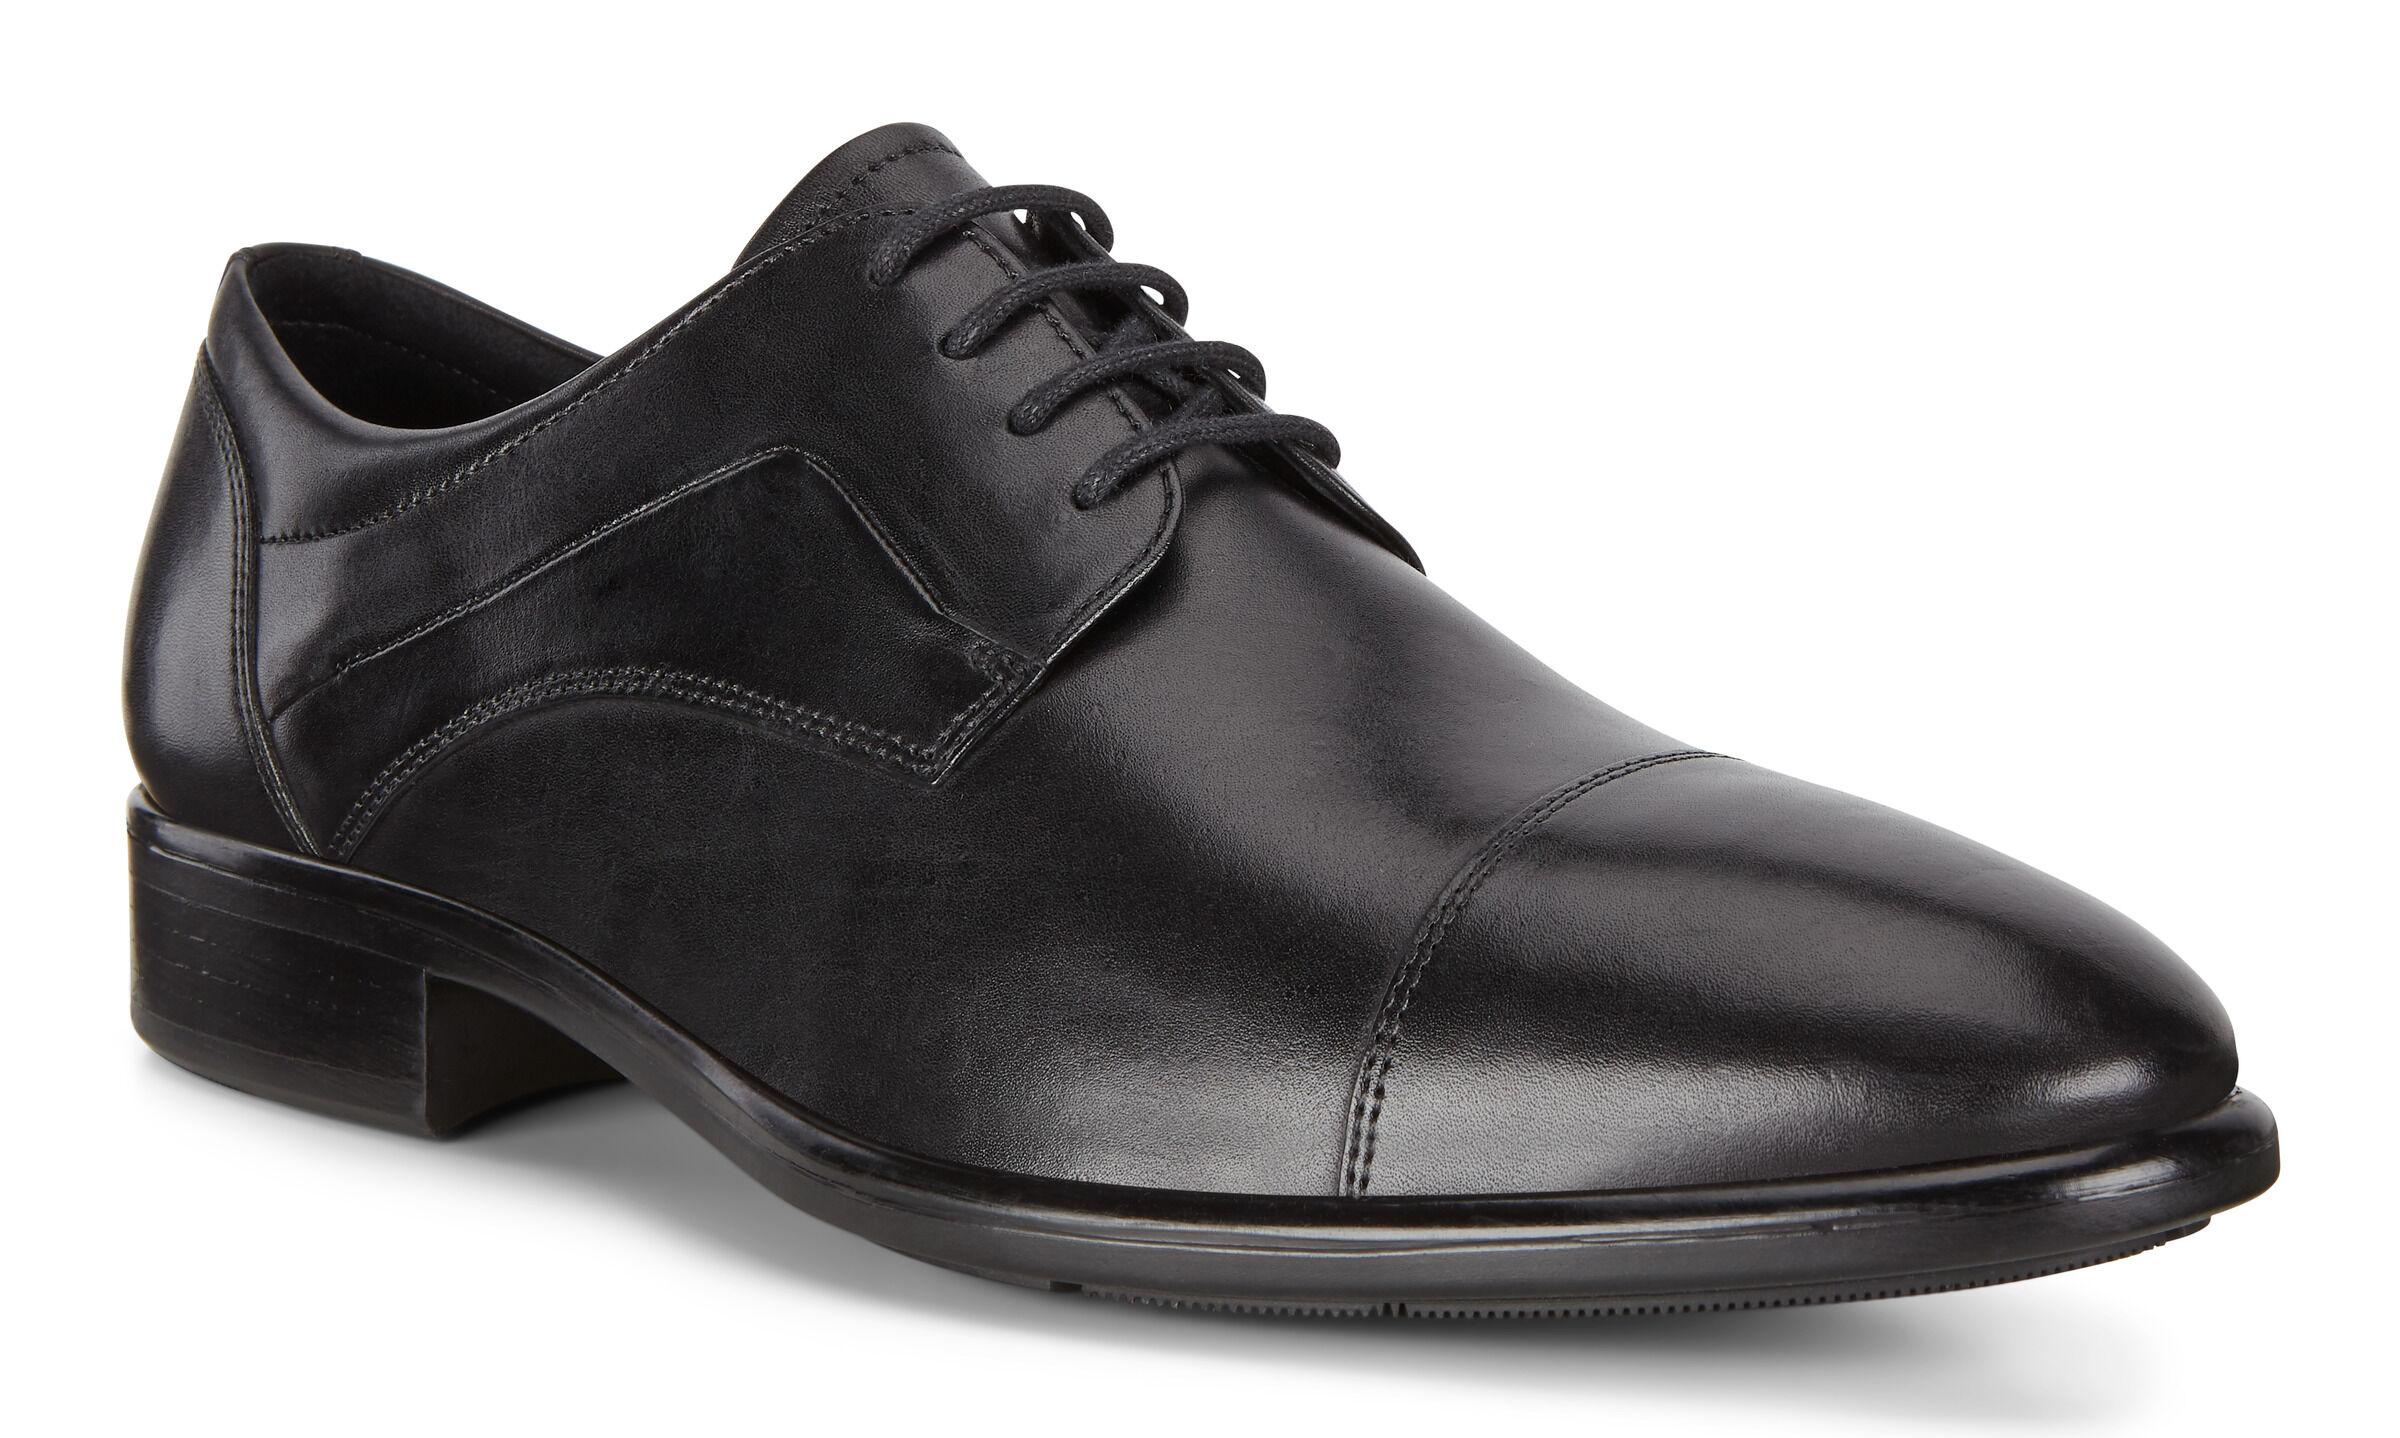 ECCO Citytray Mens Derby Shoe